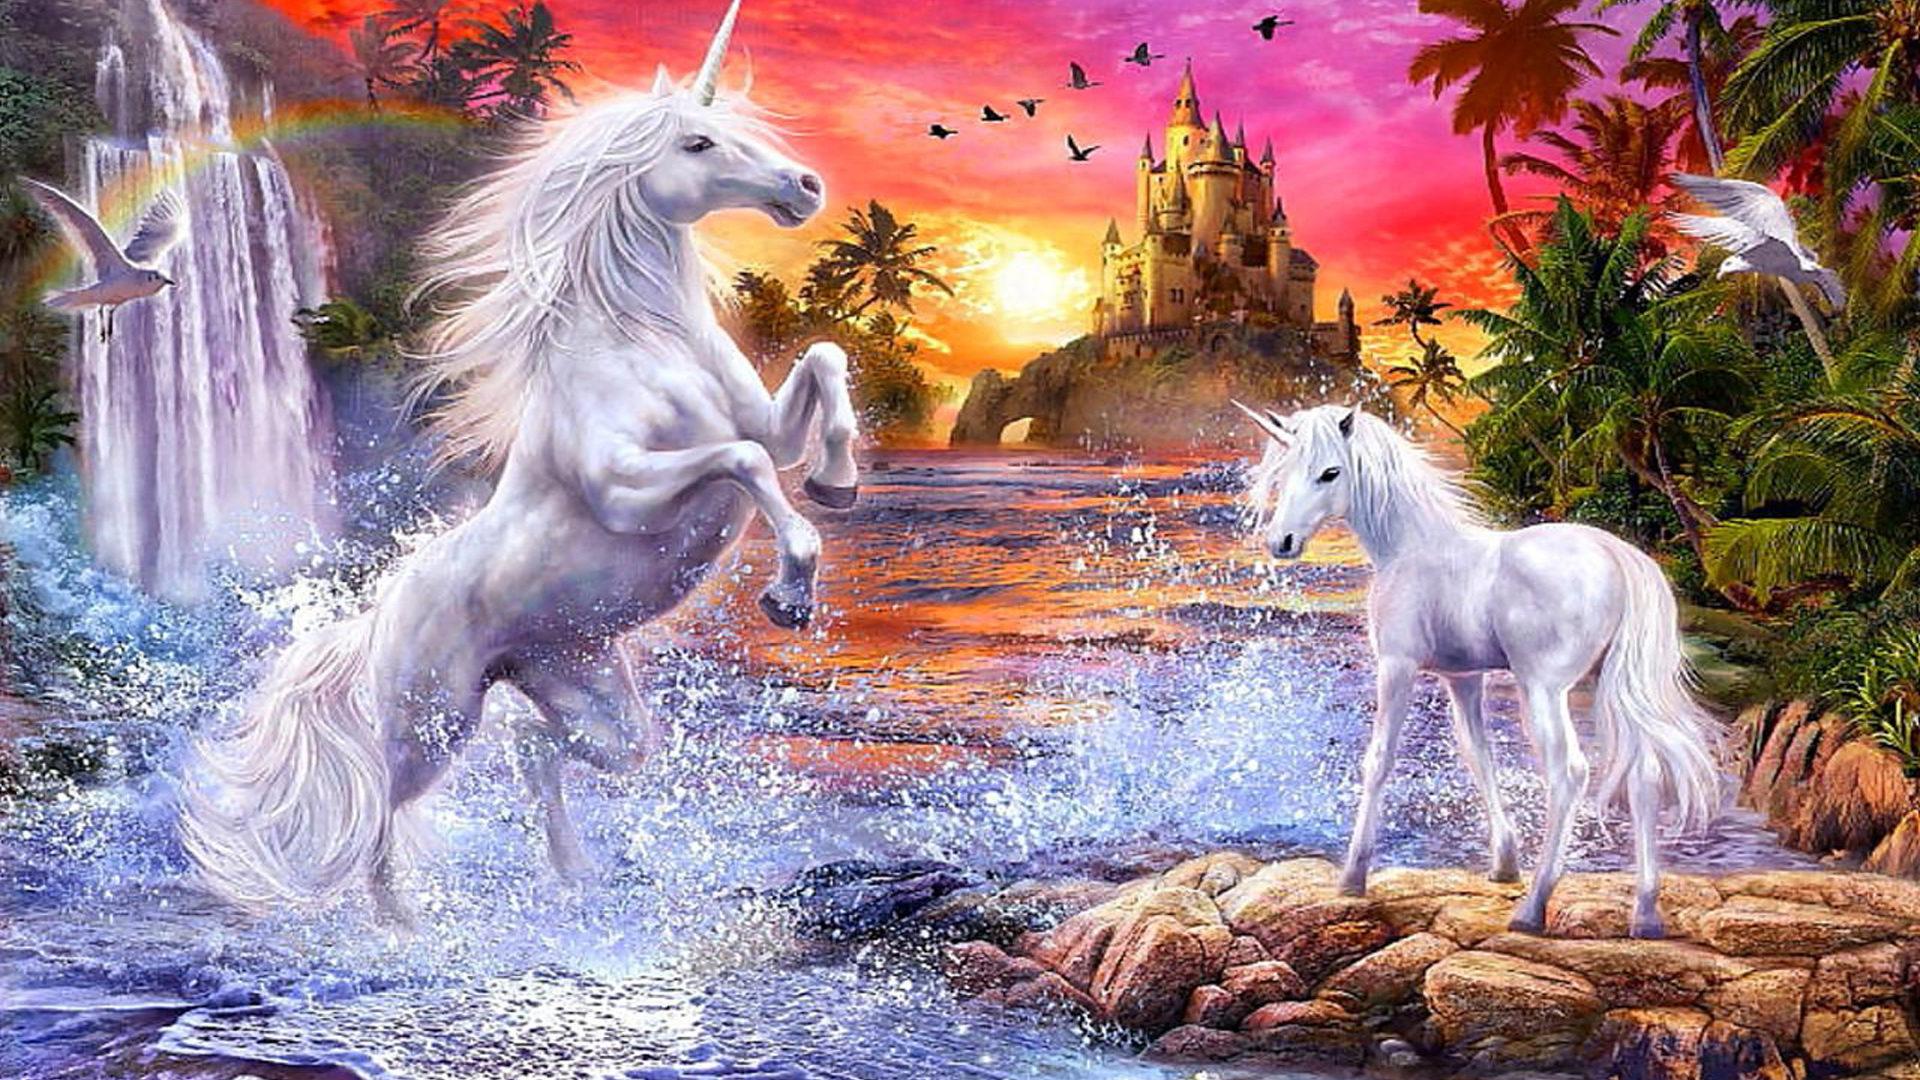 Wall Art Horses